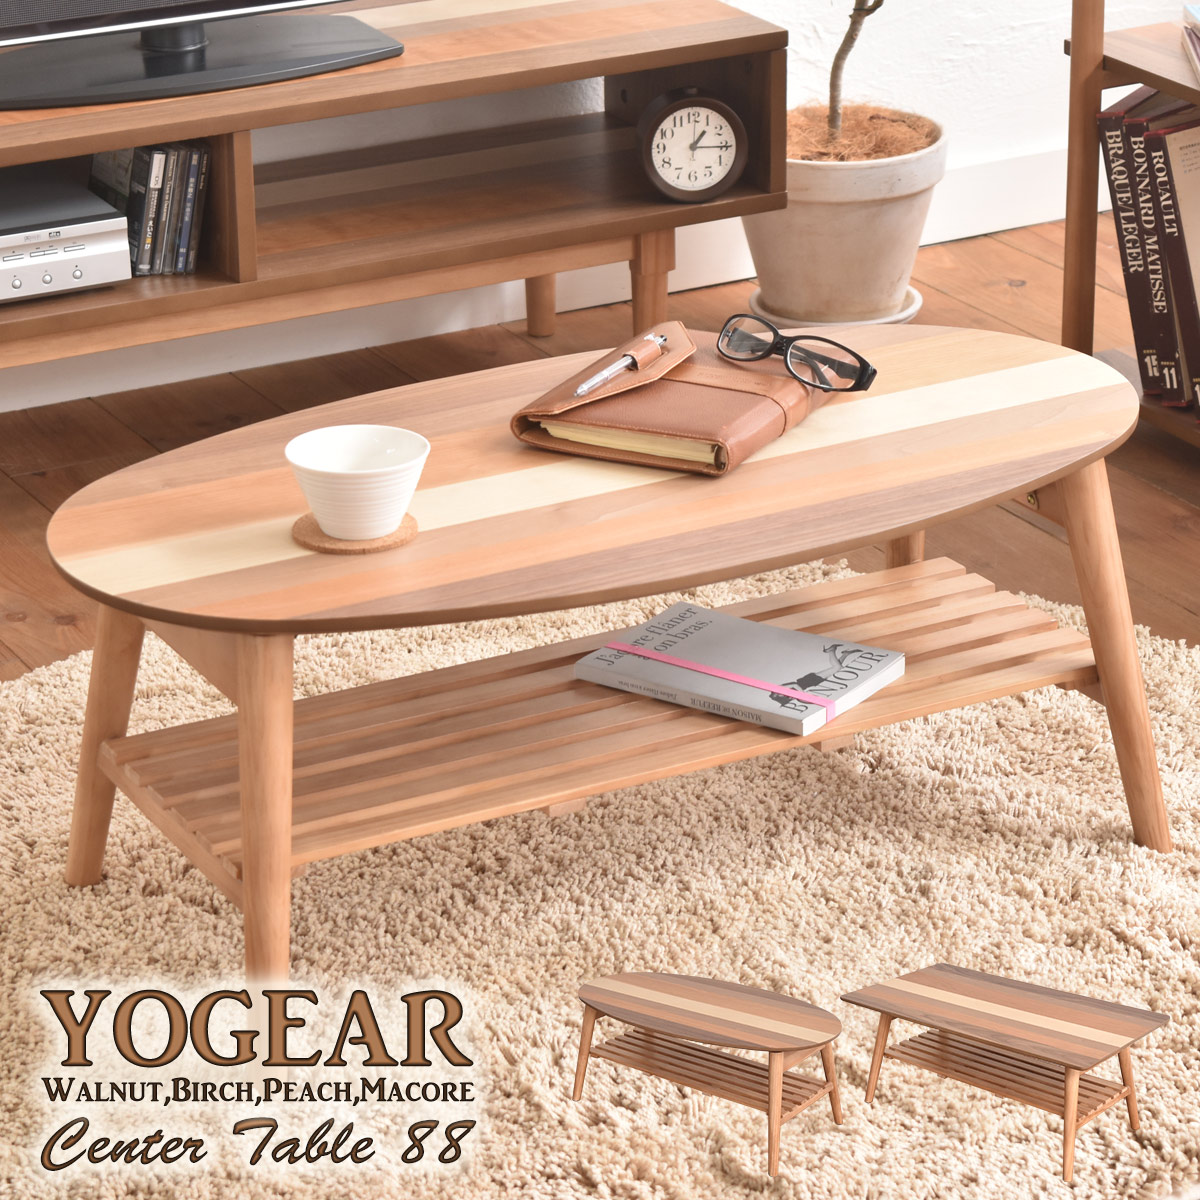 【送料無料】 【メーカー直送・代引不可】YOGEAR 棚付センターテーブル 幅88